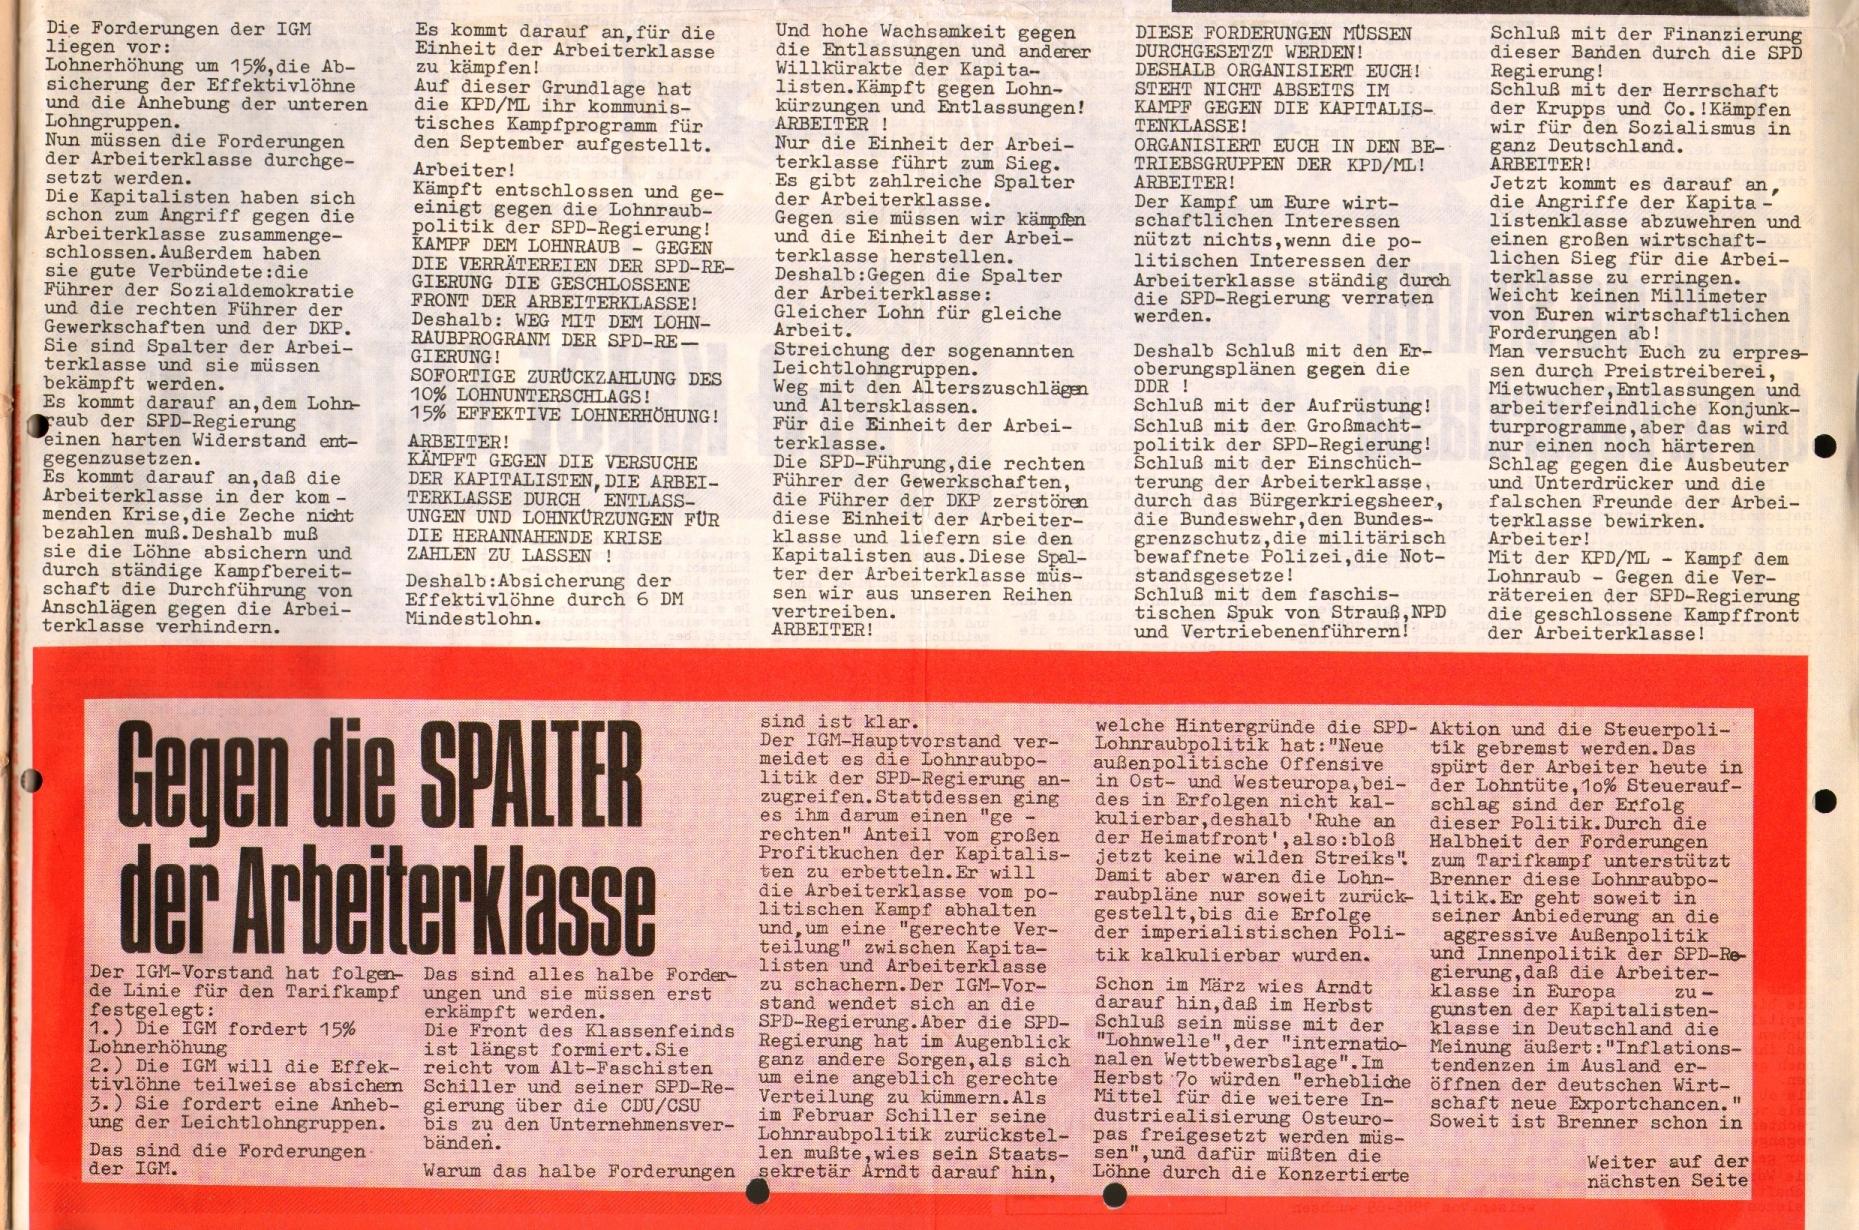 Rote Fahne, 1. Jg., September 1970, Extrablatt, Seite 1 unten